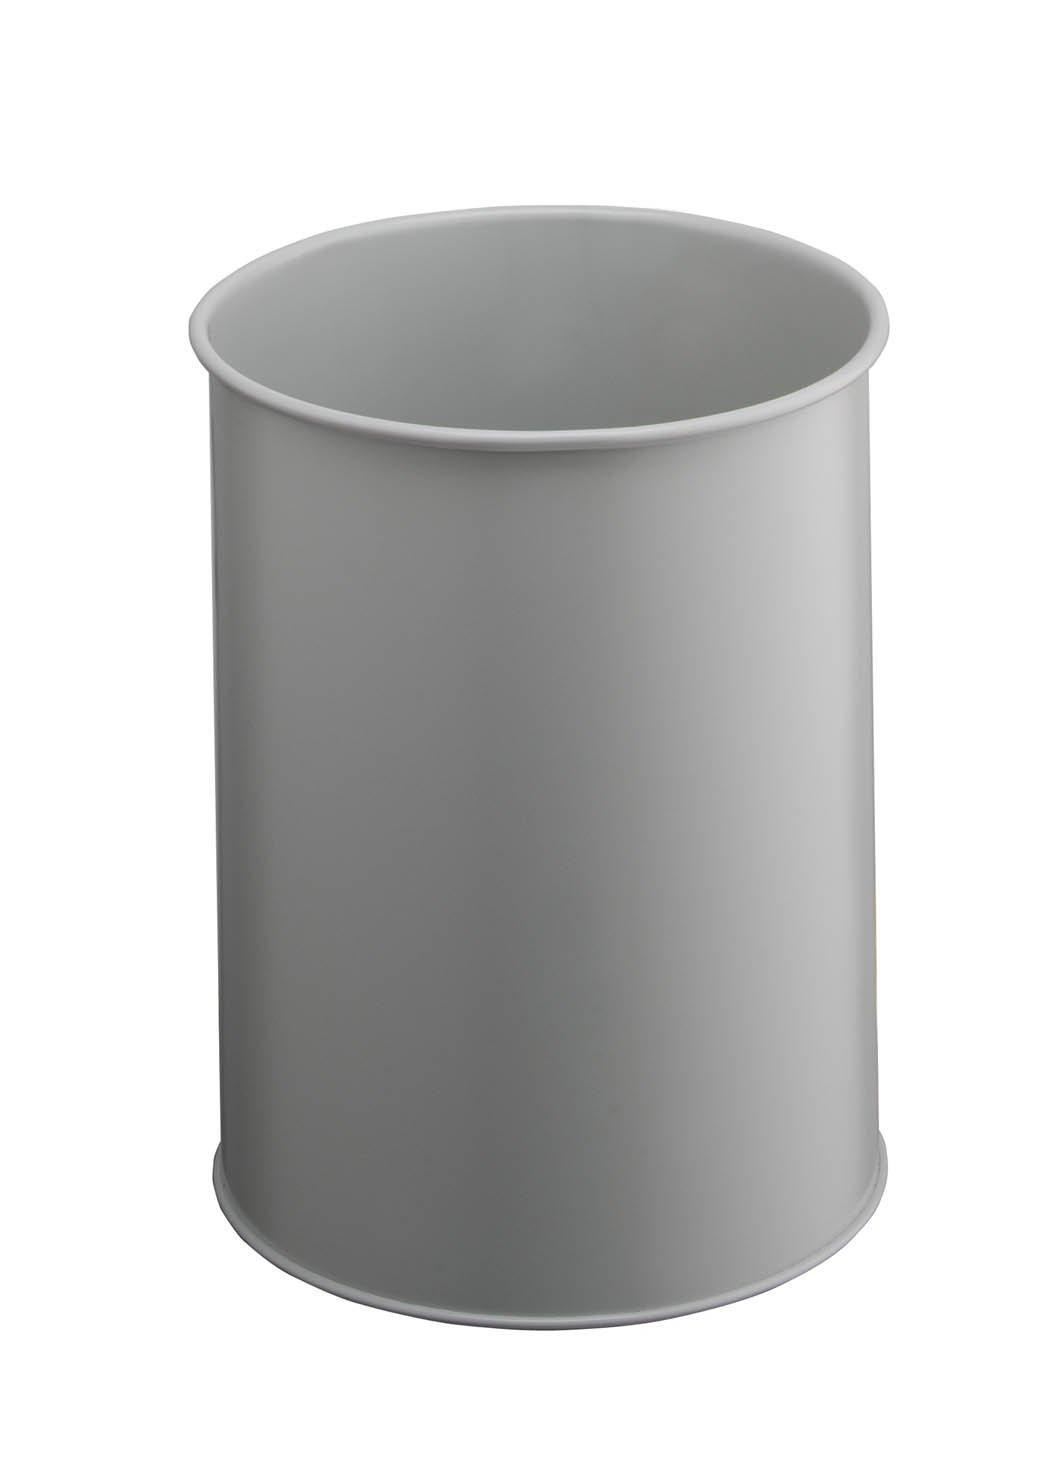 /Papelera de metal redondo gris mango borde 15/litros Durable 330110/